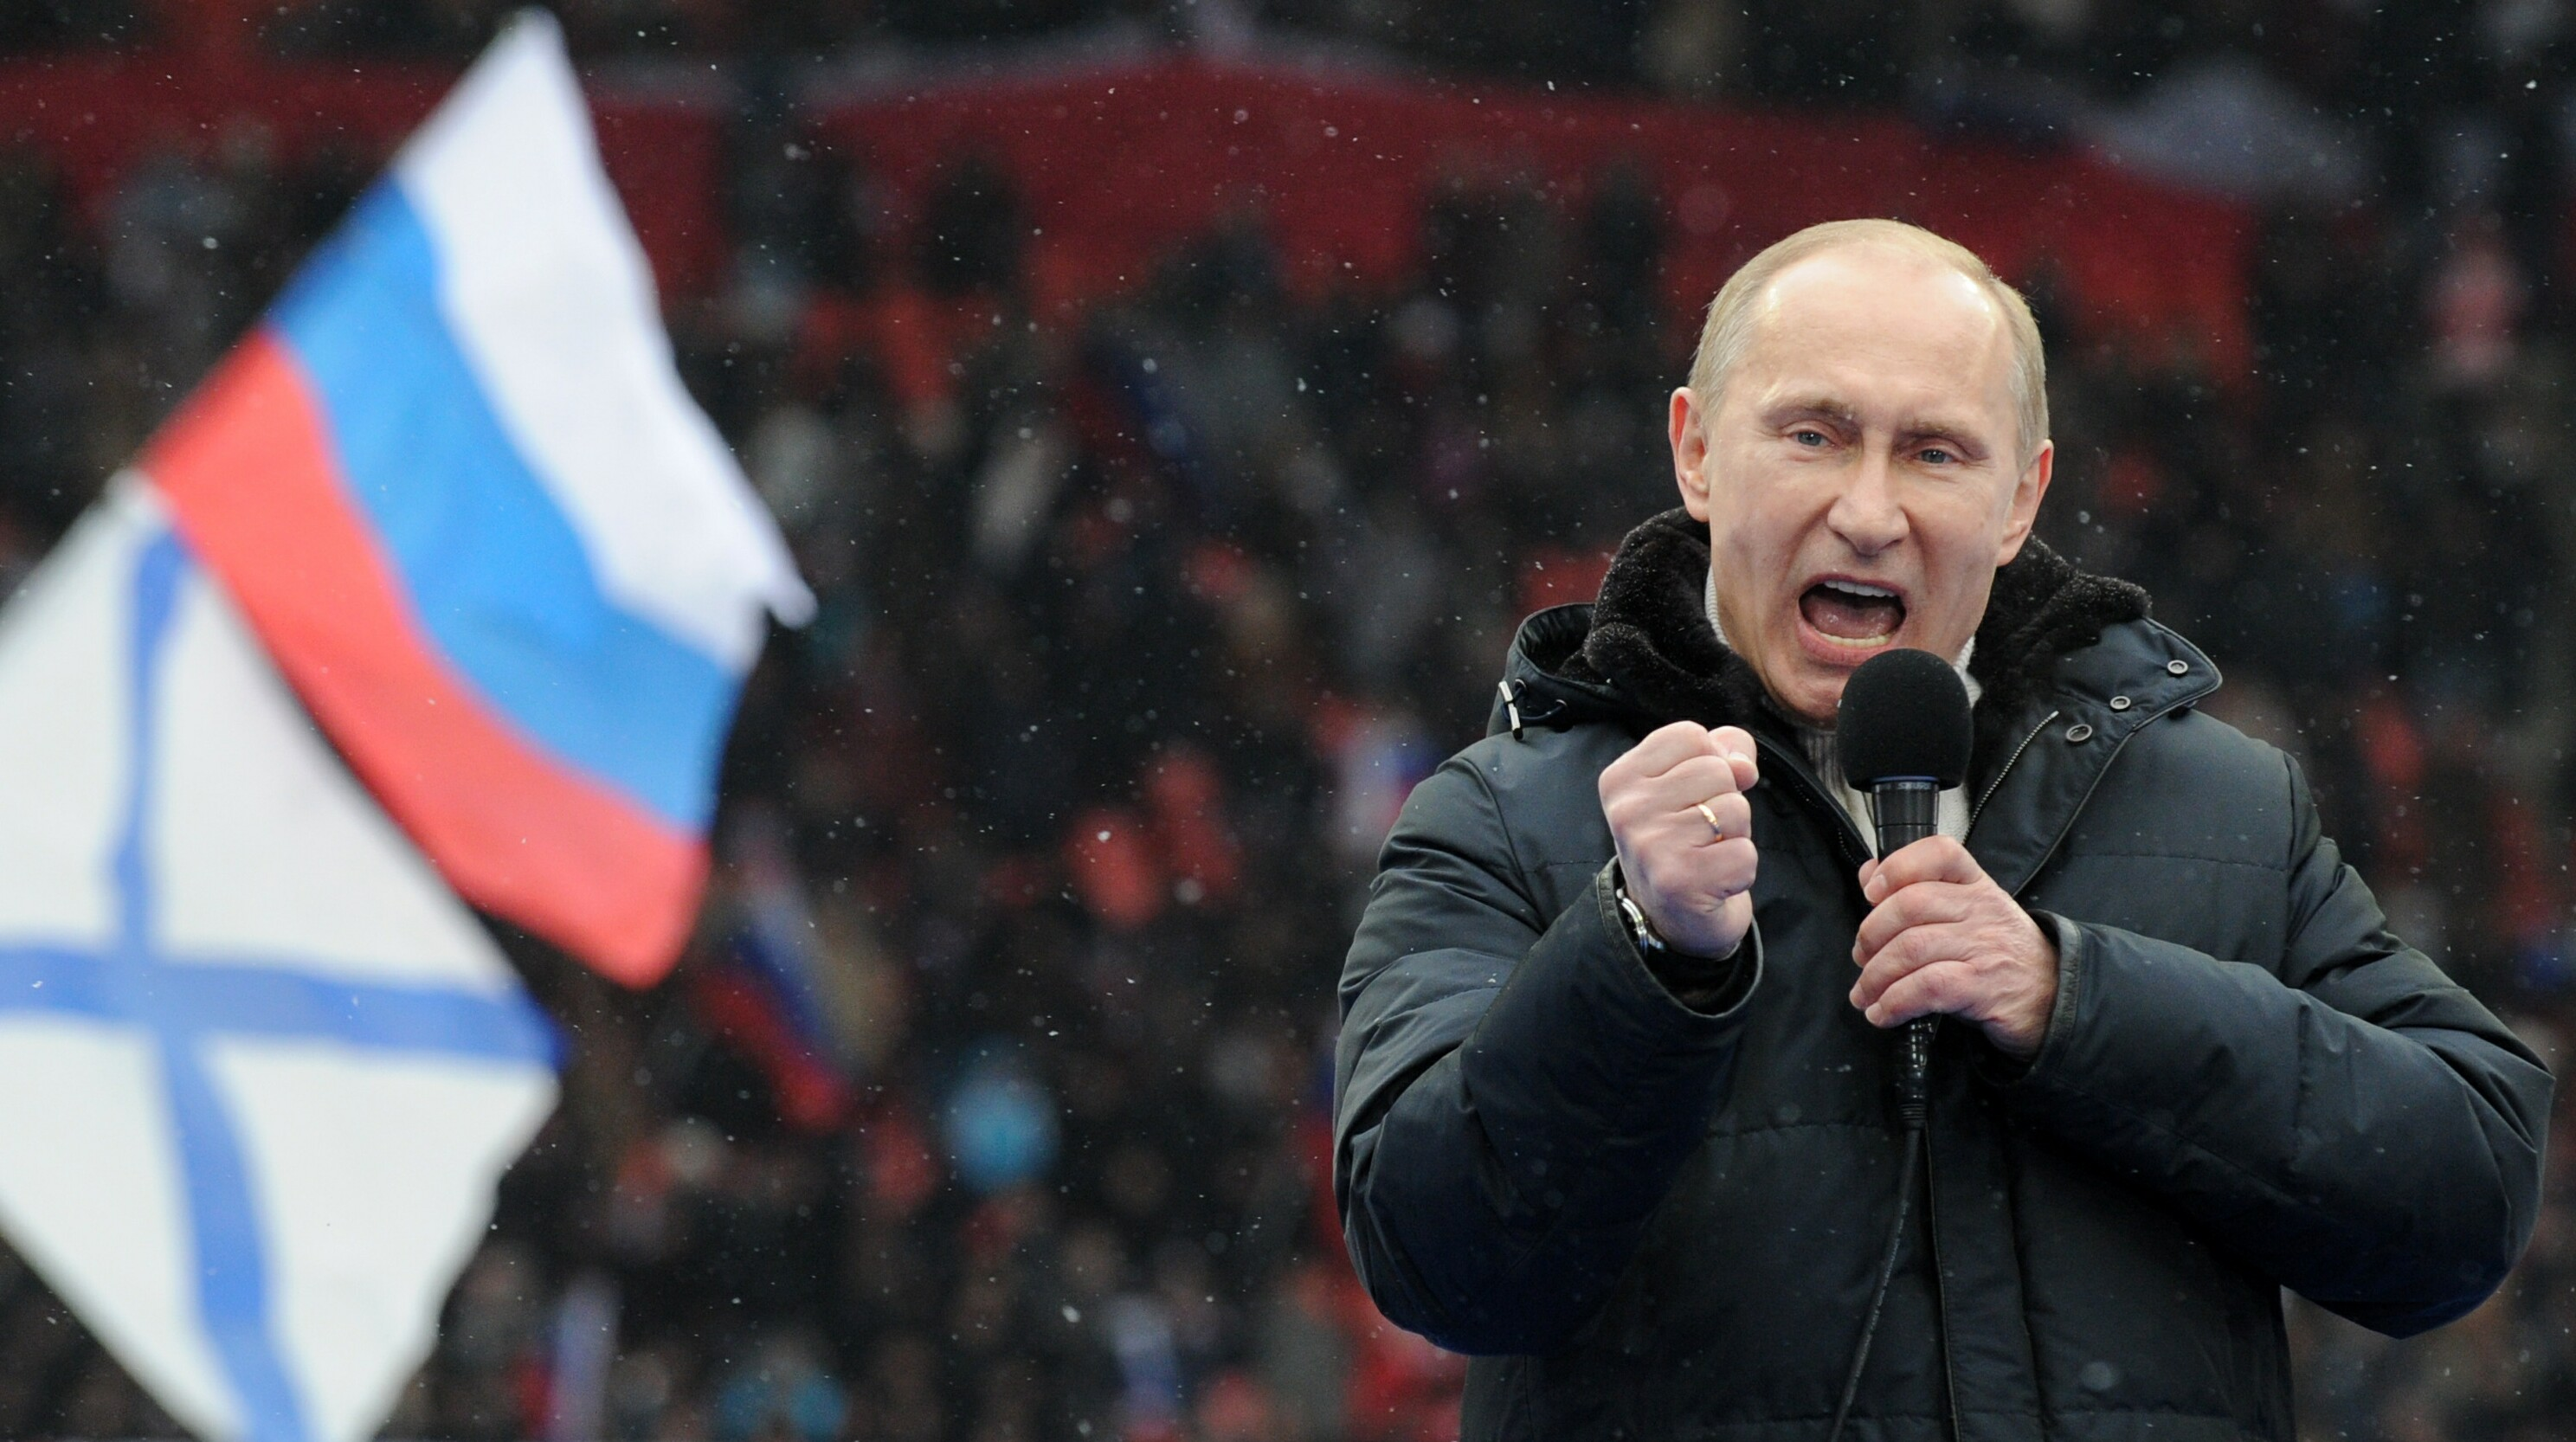 宣布参加明年大选的普京经济实力有多硬?